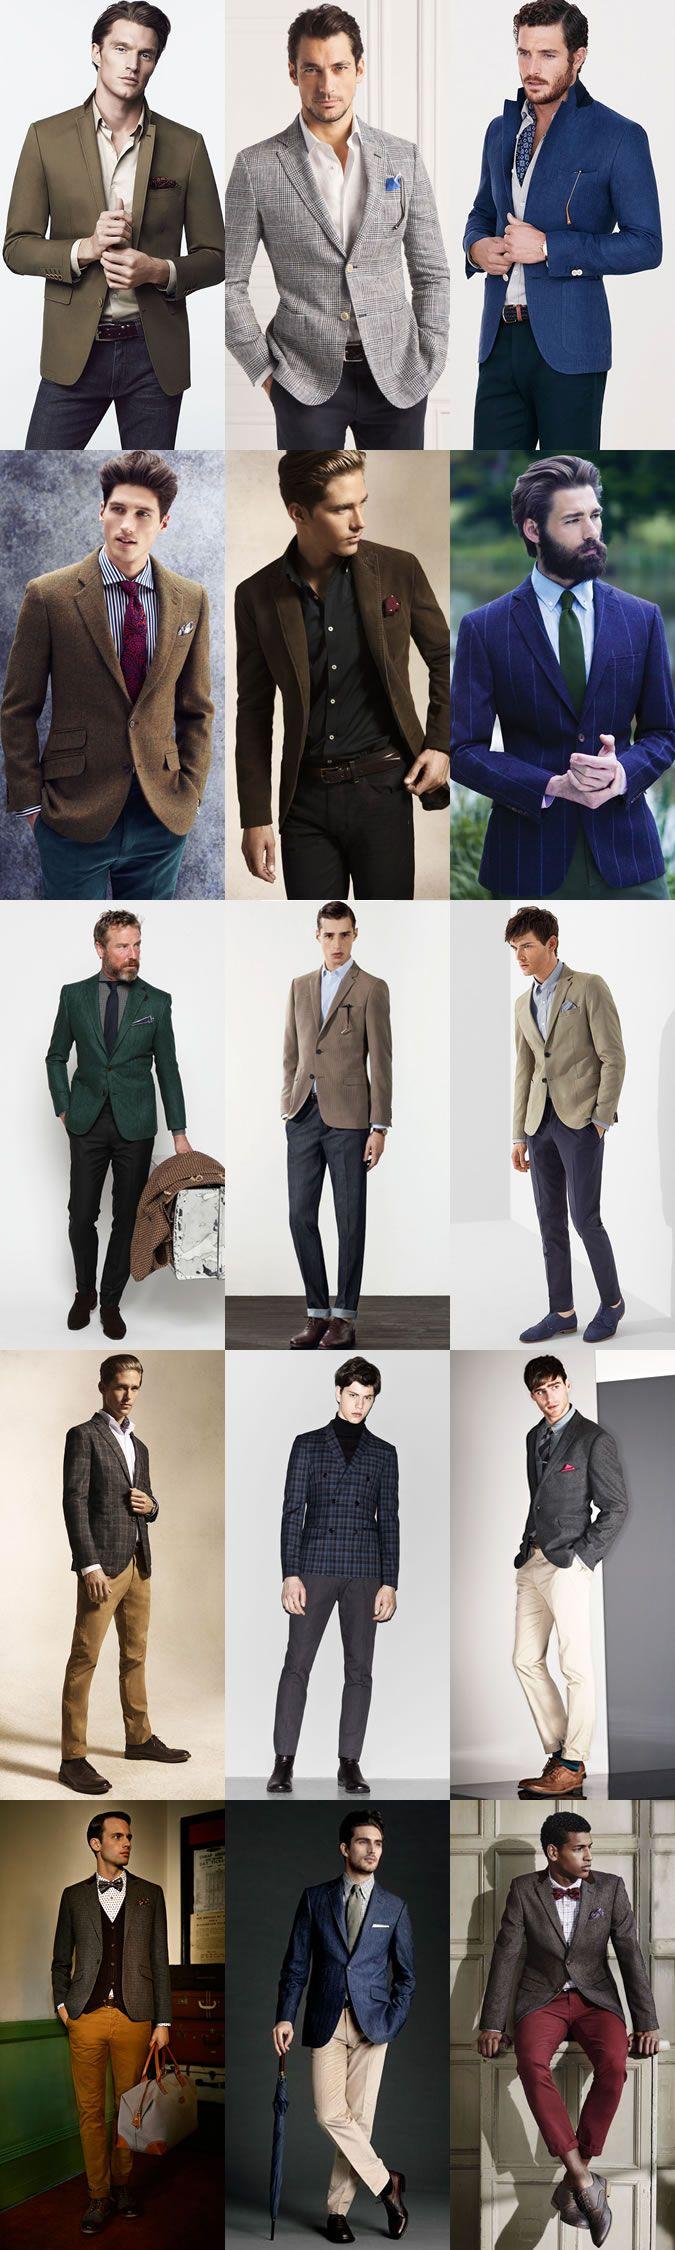 Tendencias estilo otoño en moda hombre, sacos, corbatas de moño, texturas, todo lo que en Robert's  tenemos para ti con nuestras marcas.